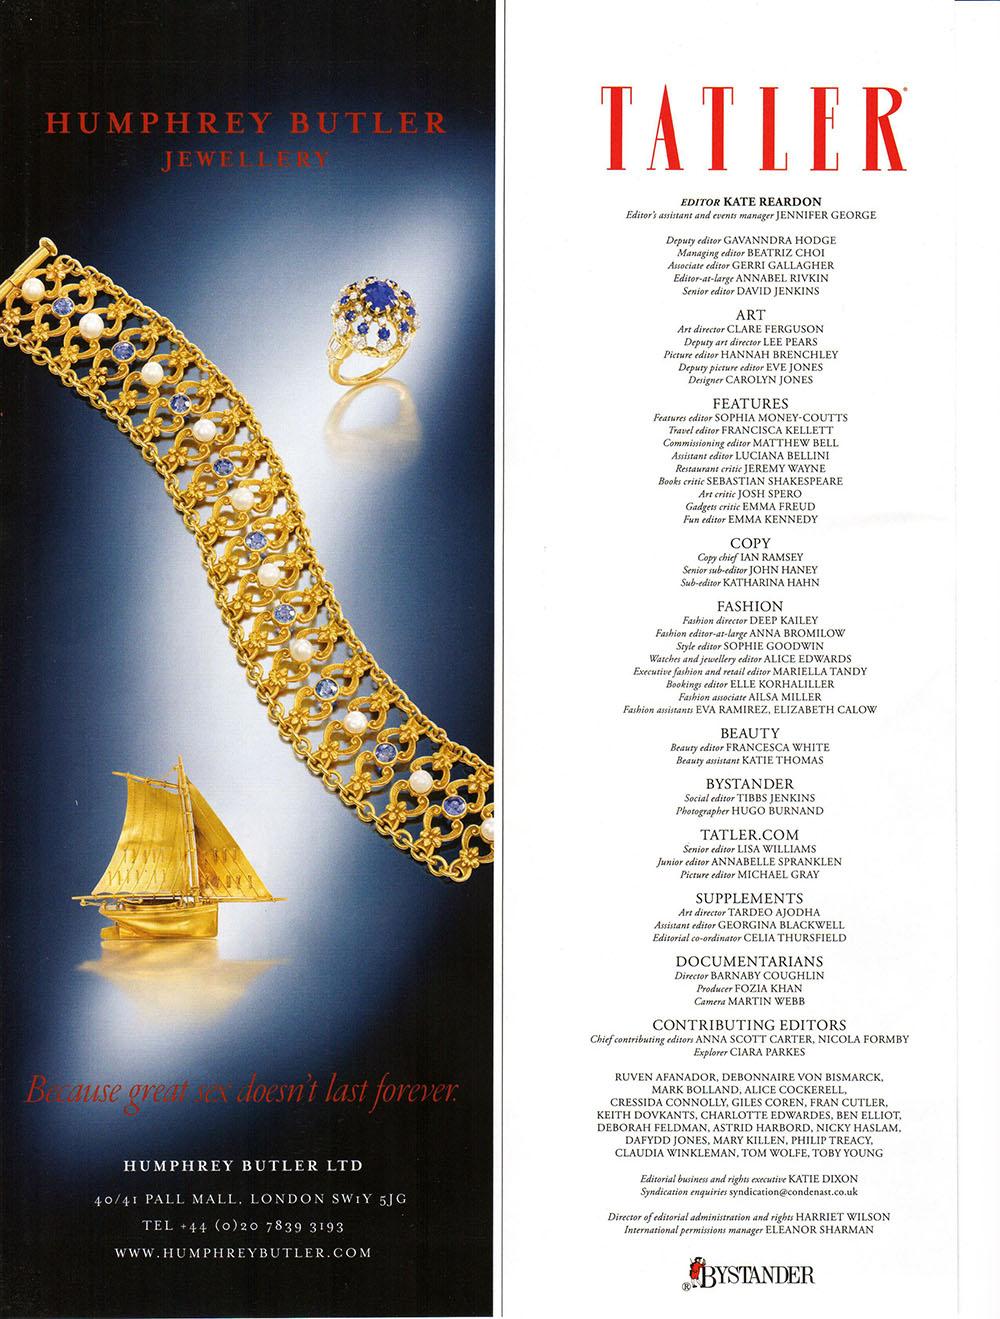 Tatler Nov 2014 ad.jpg